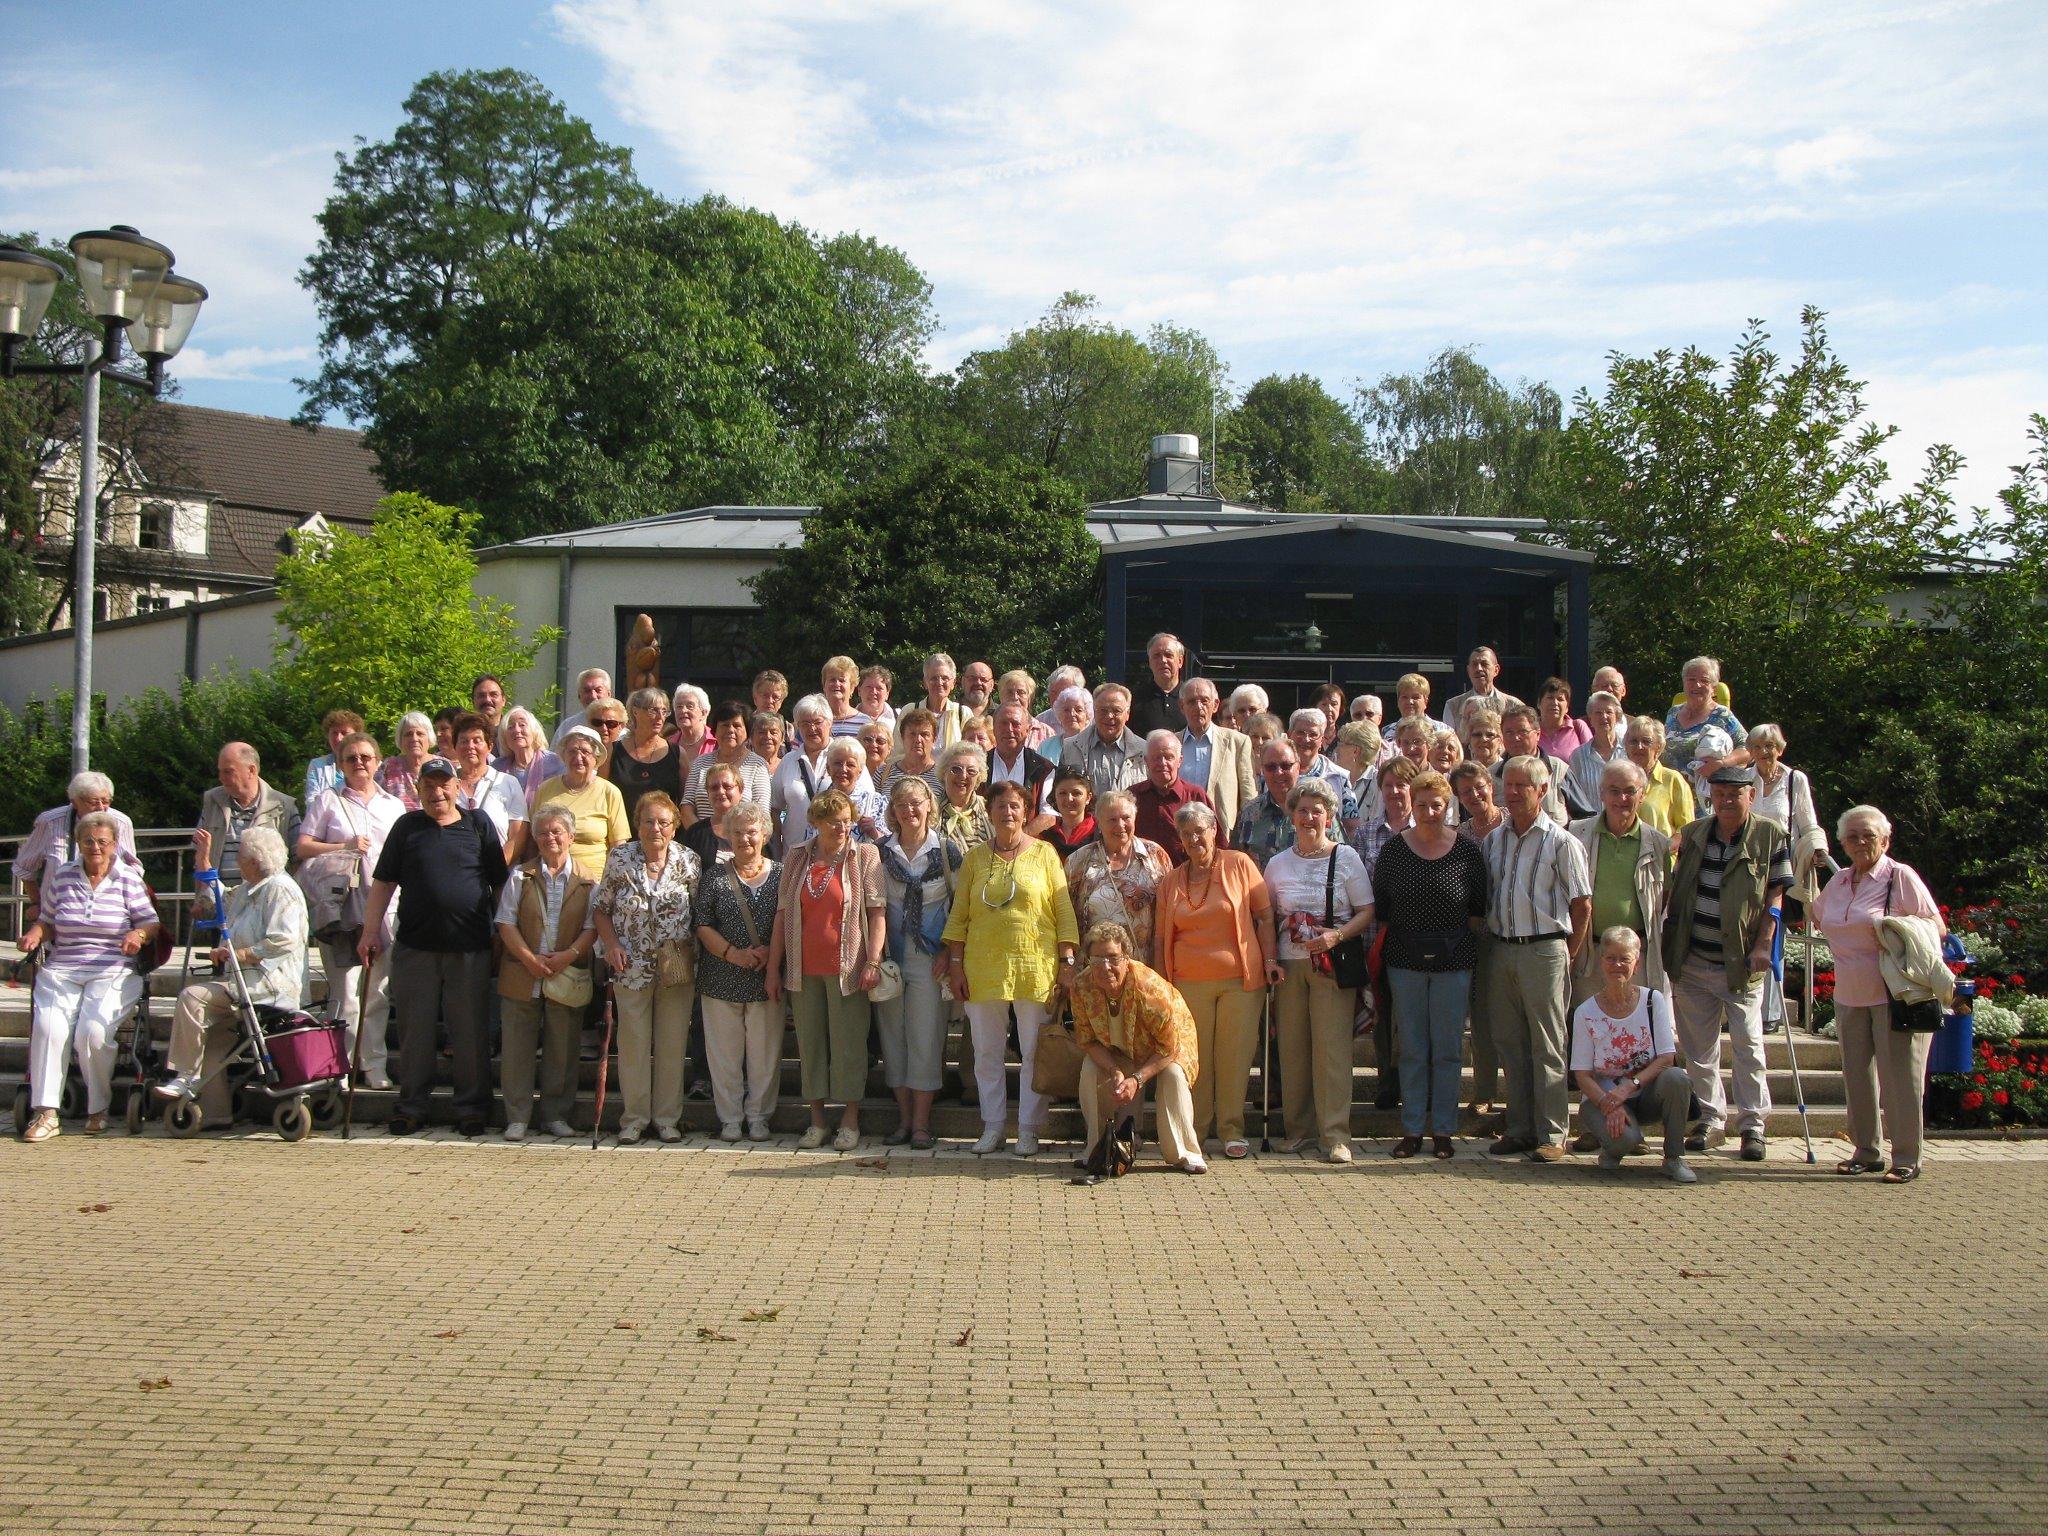 Gruppenfoto vor der Jahresfahrt der SBK-Ehrenamtlerinnen und Ehrenamtler